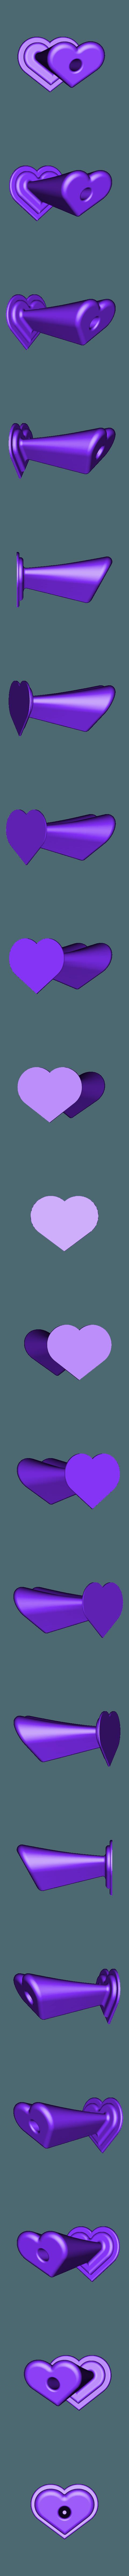 vase-coeur-soliflore.stl Télécharger fichier STL gratuit Vase Coeur • Objet pour imprimante 3D, rfbat